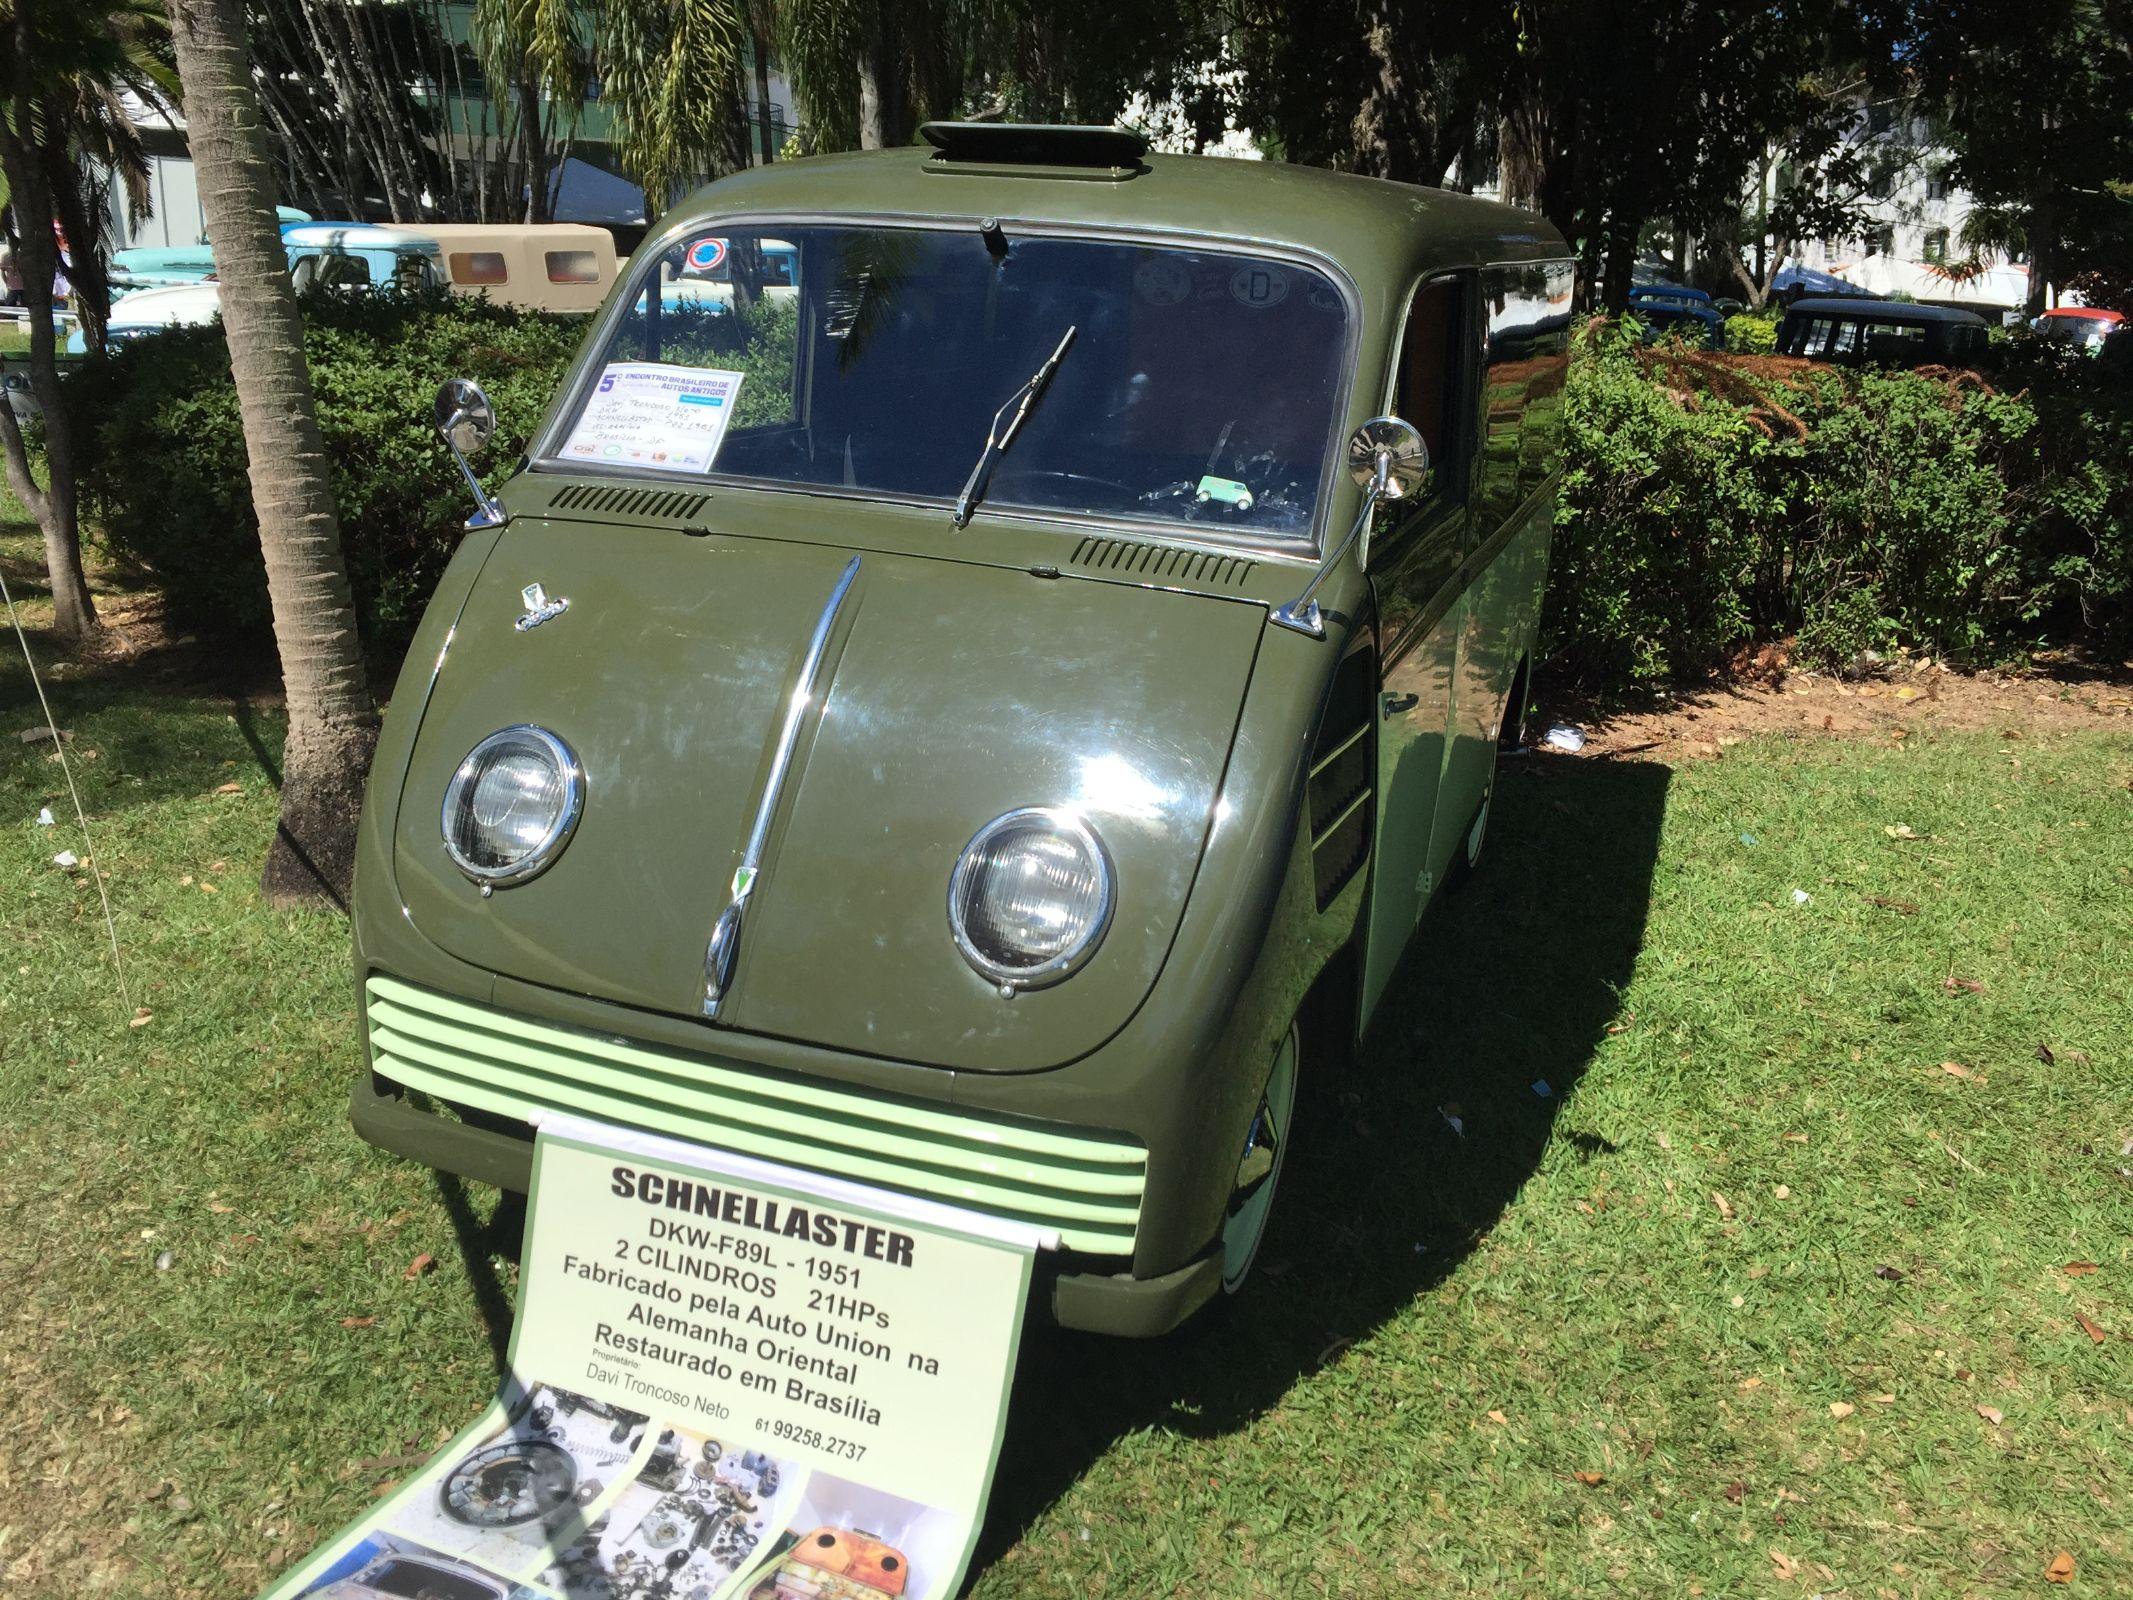 Schnellaster no encontro de carros antigos de Águas de Lindóia 2018